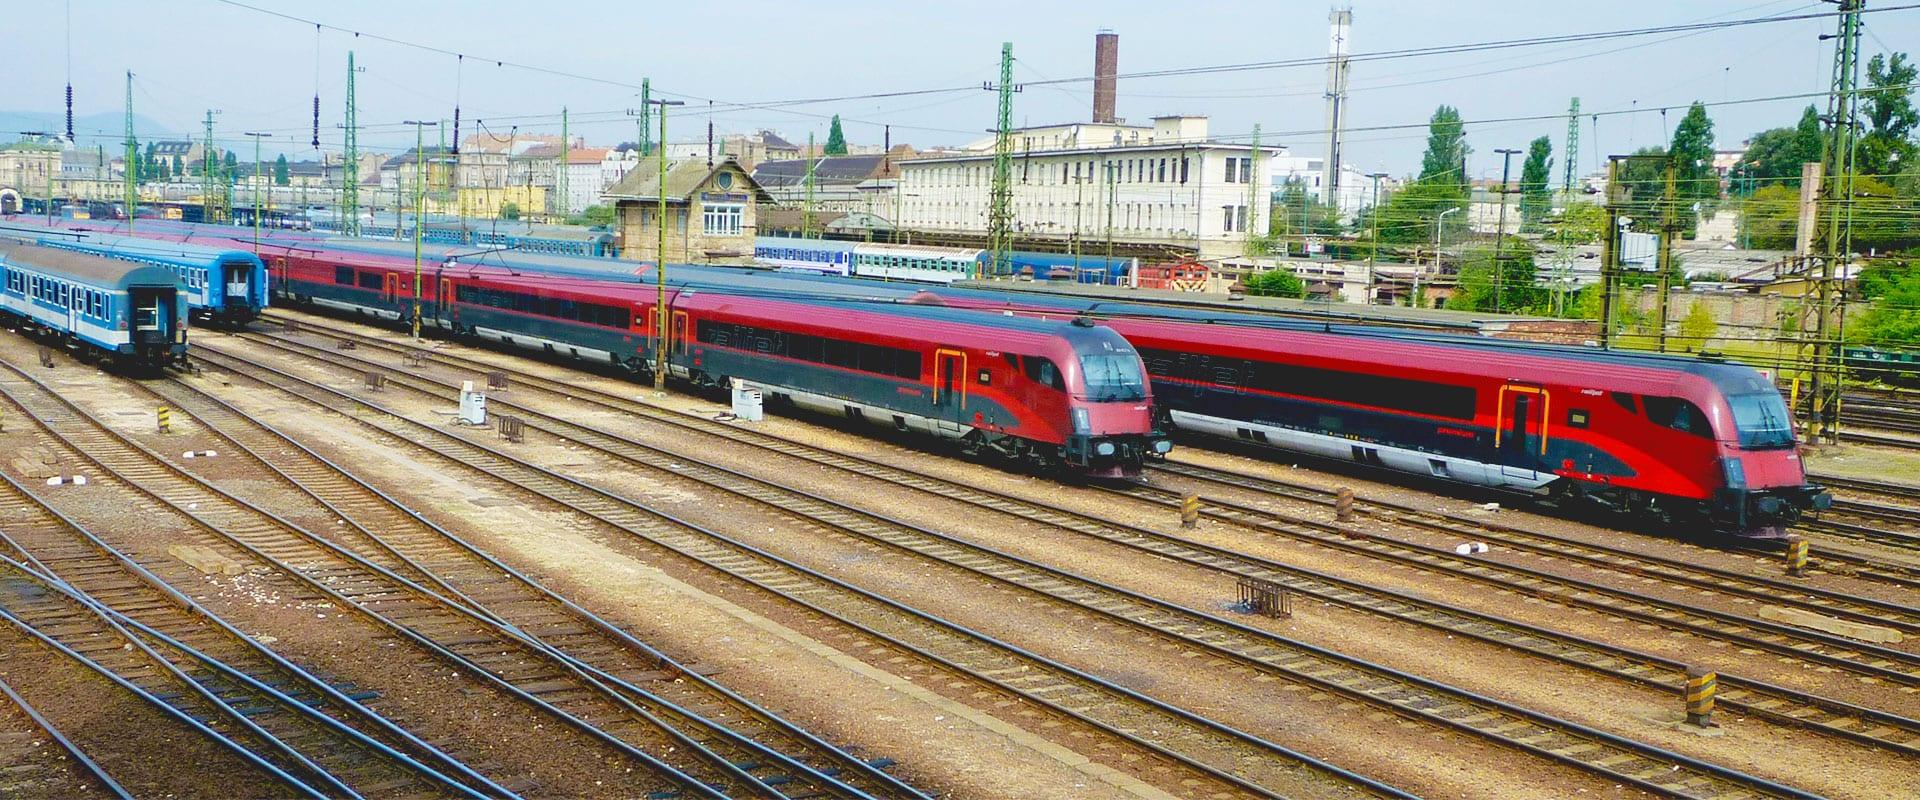 Trem de Salzburgo para Munique